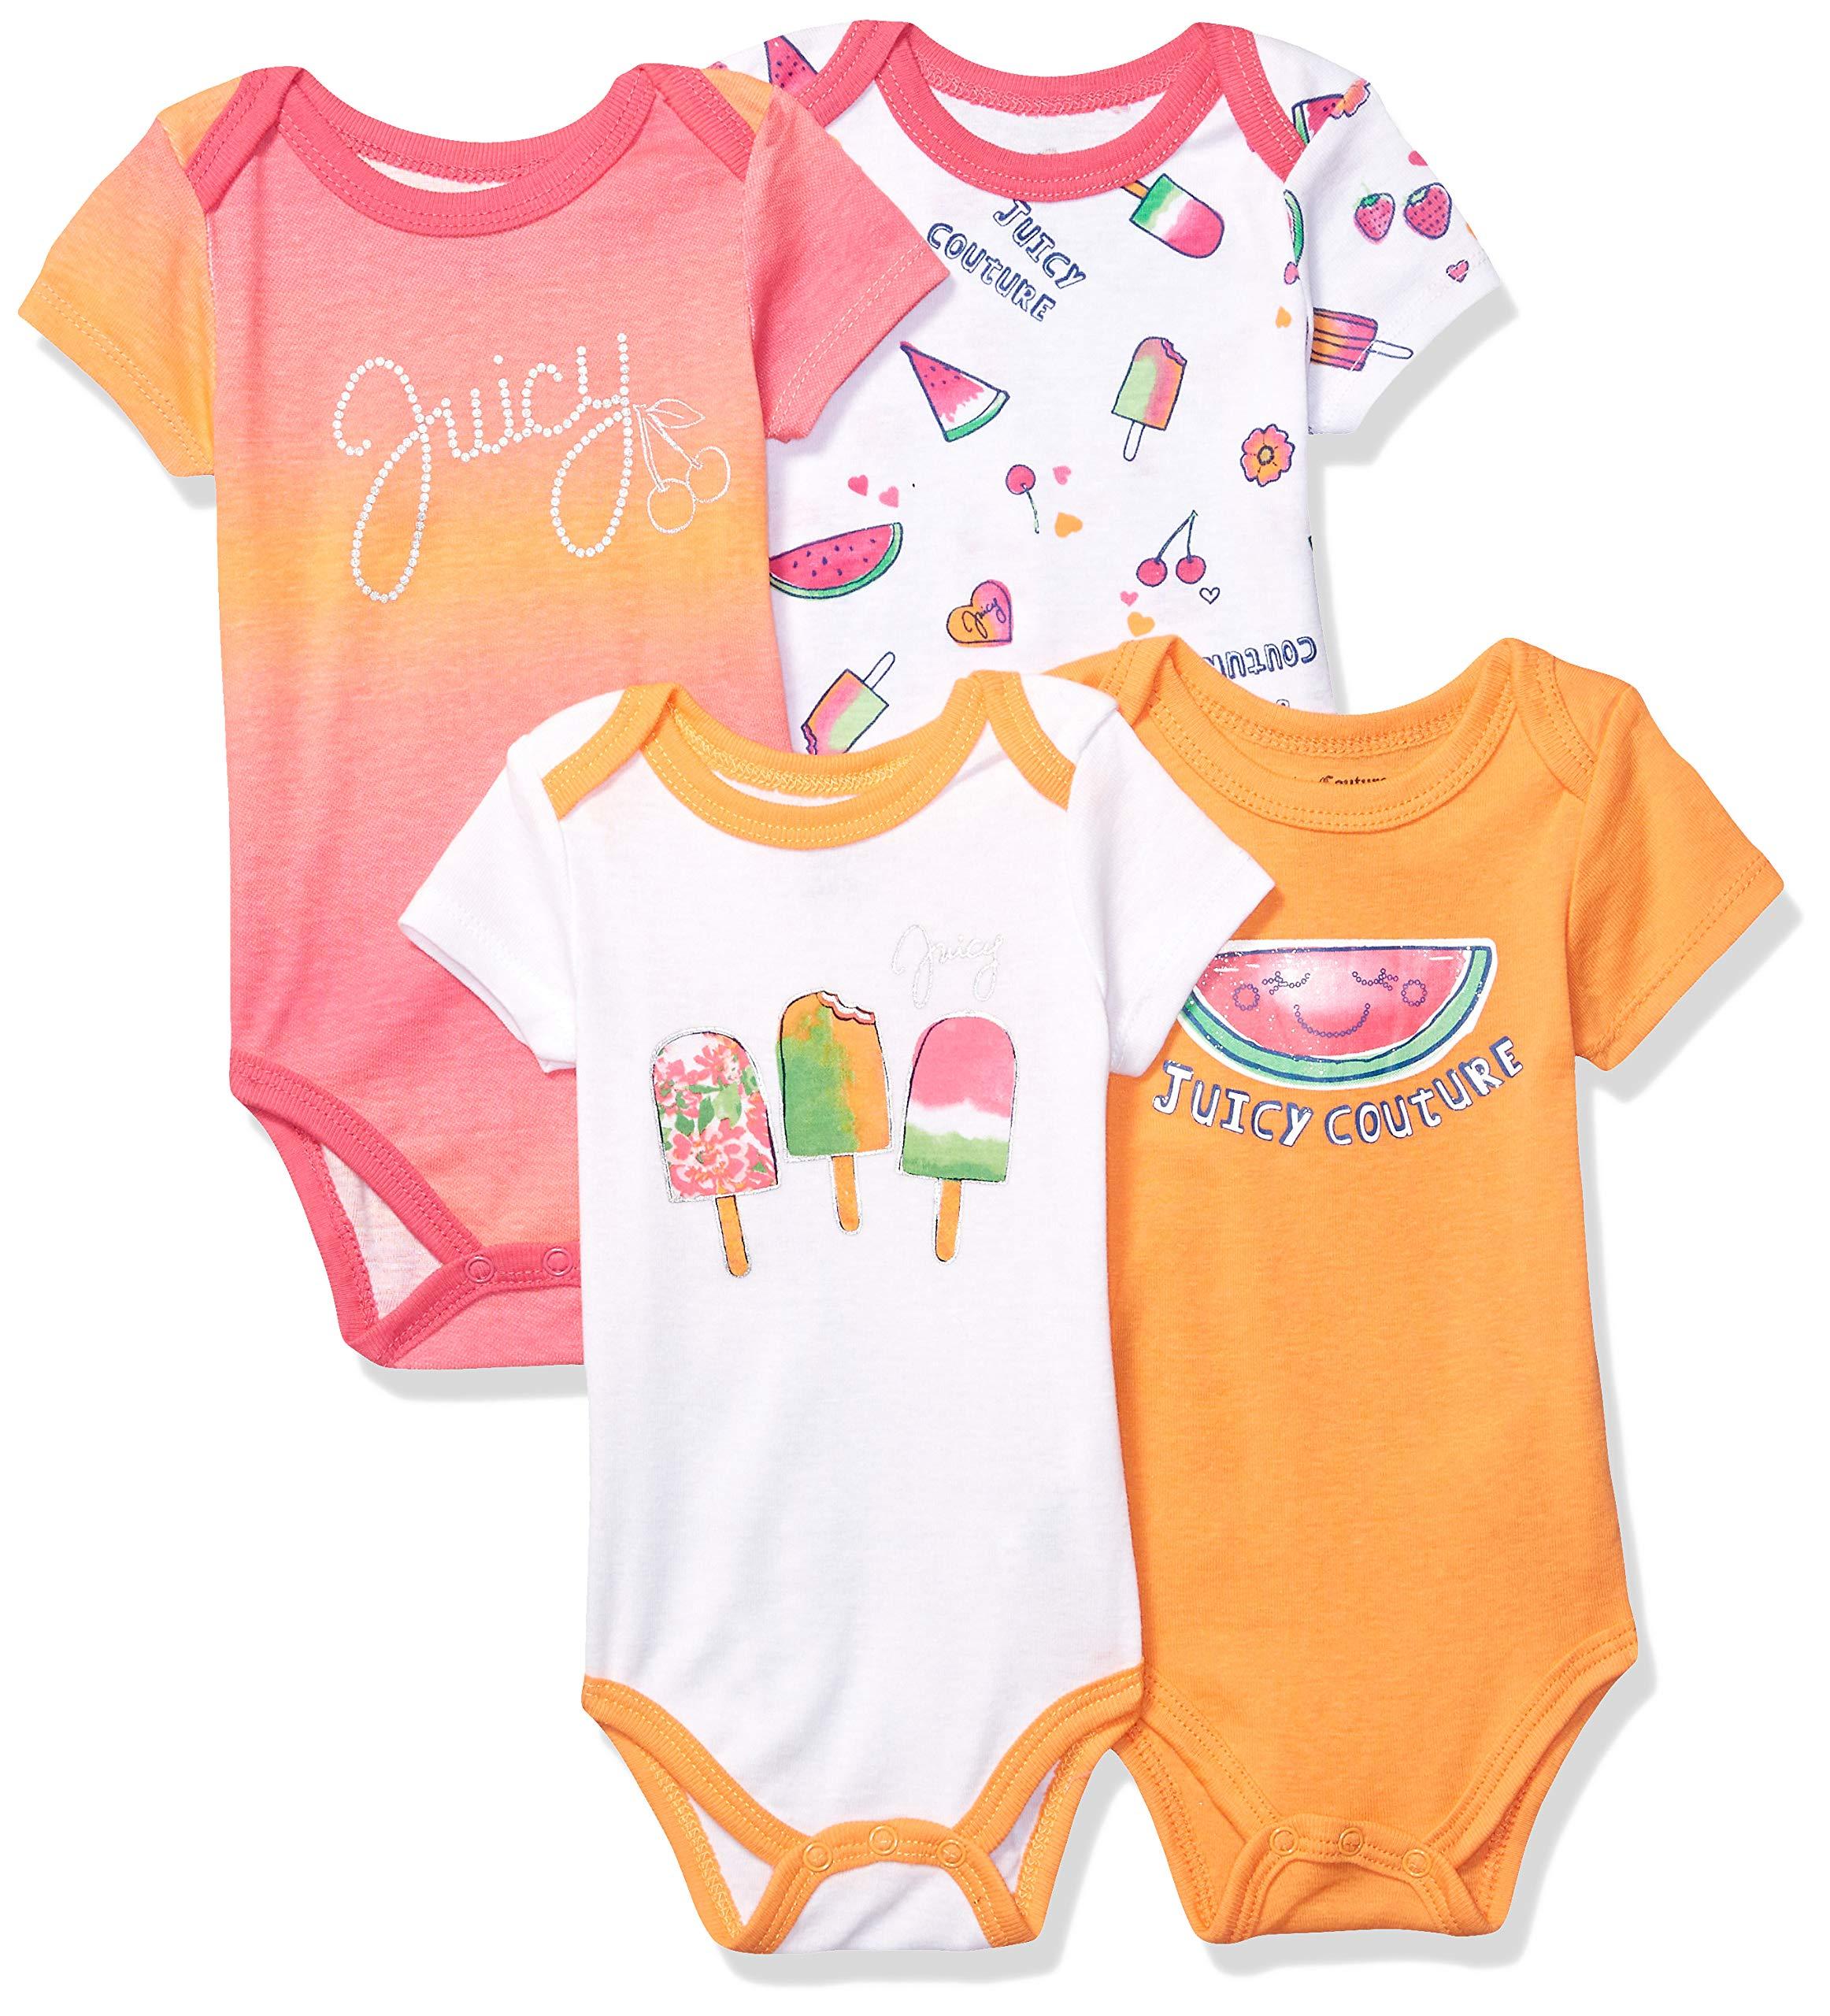 ジューシークチュール女の赤ちゃんジャンプスーツ4セット